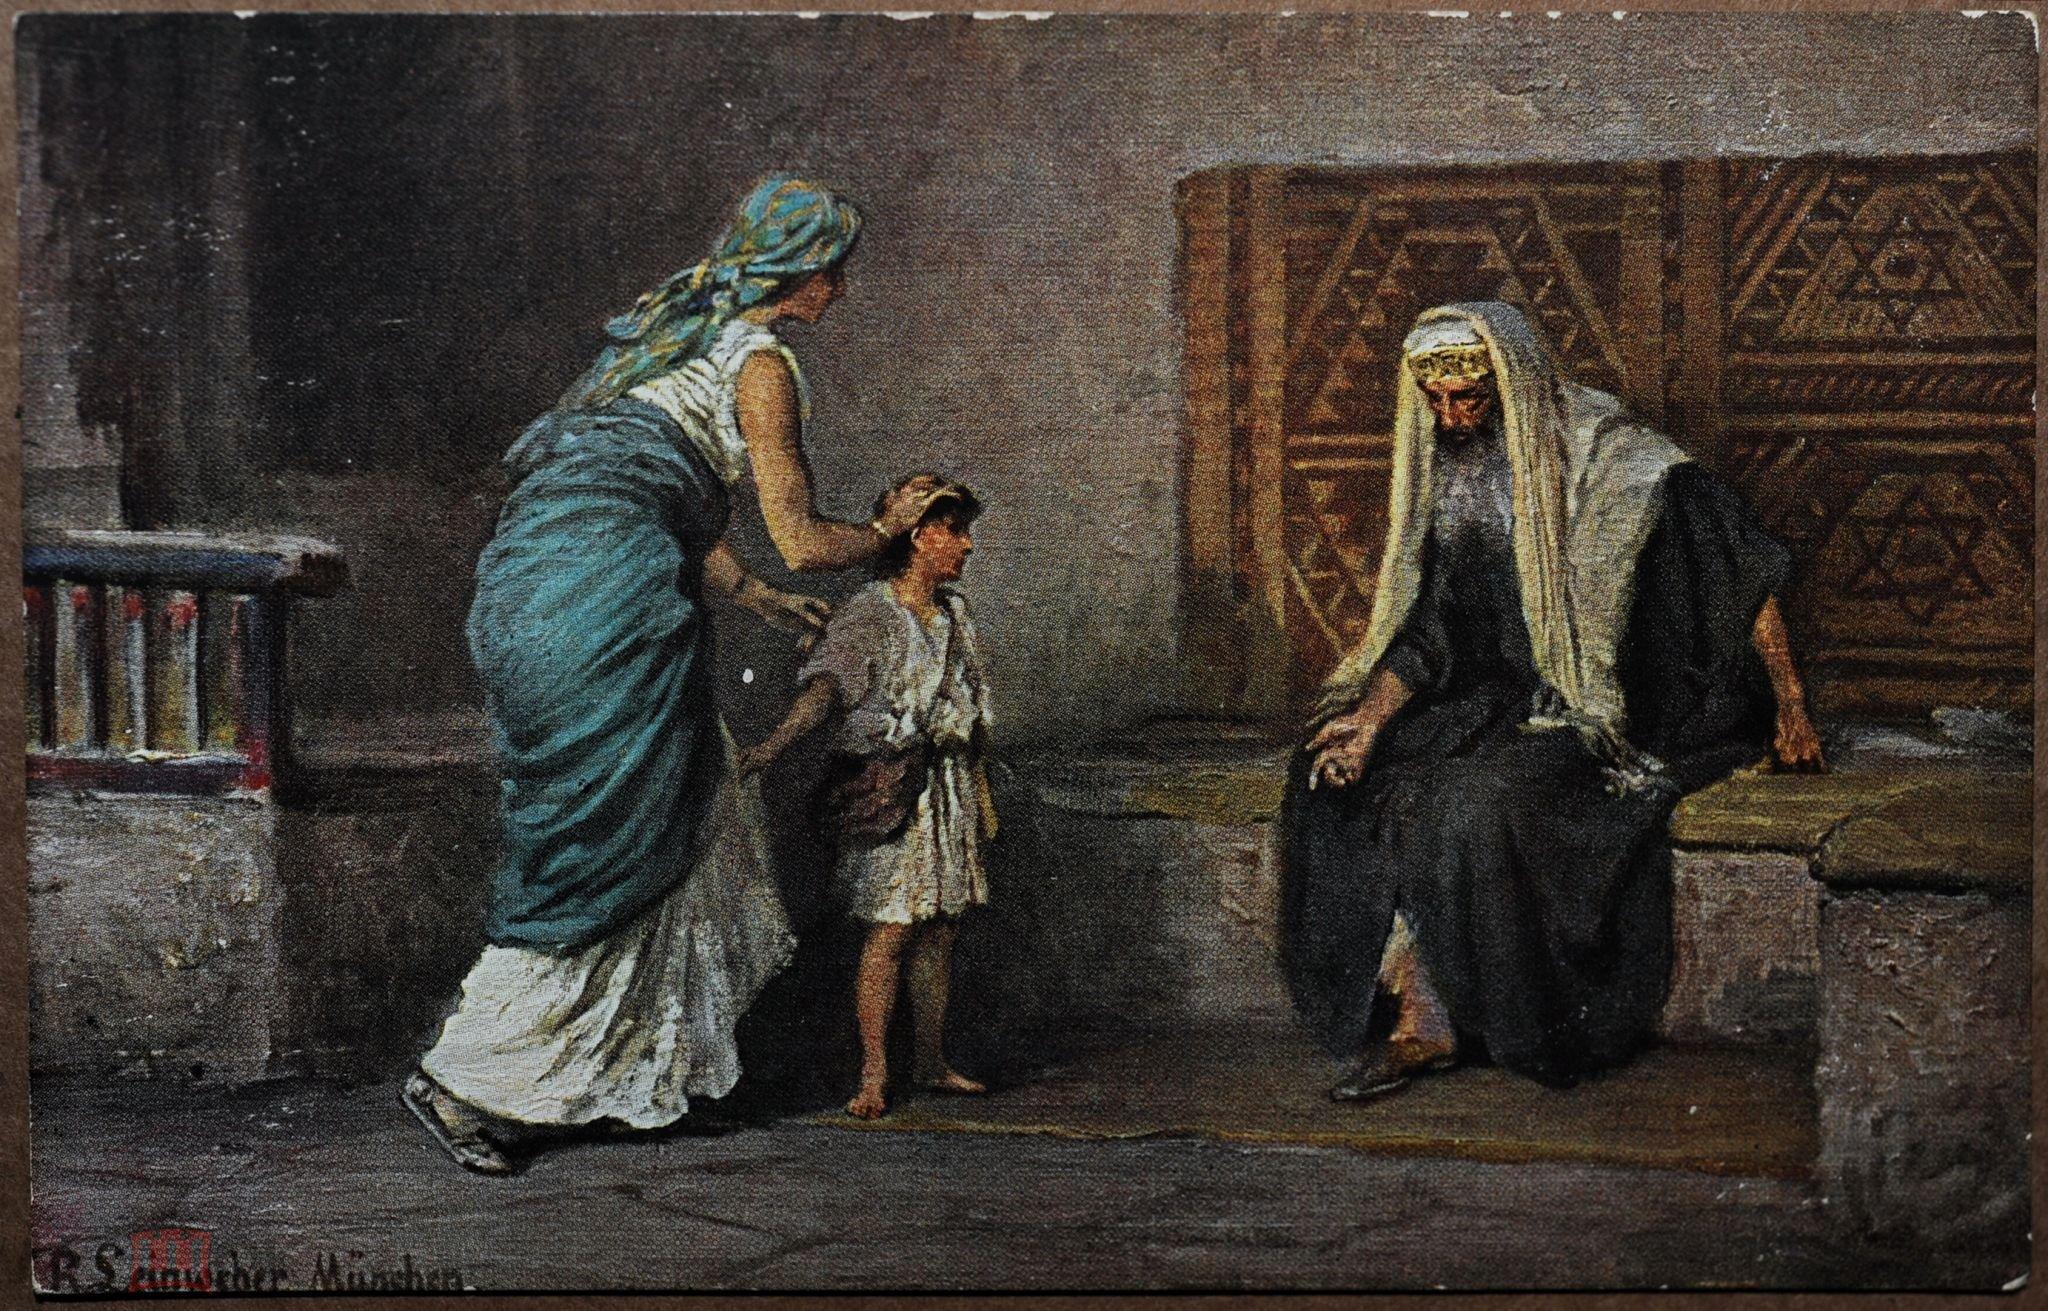 Старинные открытки библейские сюжеты роберт ляйнвебер, открытки